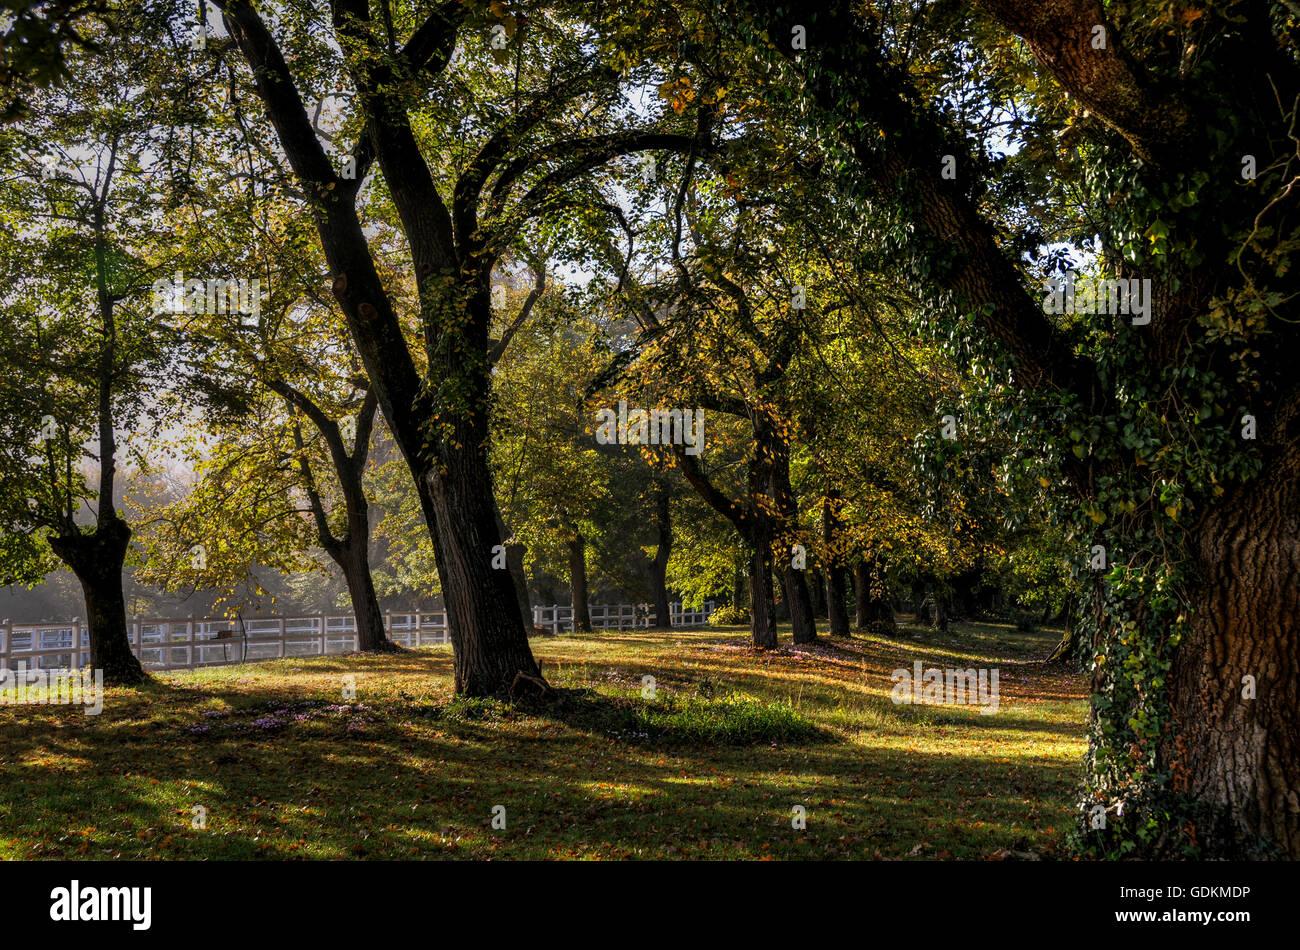 Parks of Château de Rouillac, Pessac-Léognan - Stock Image